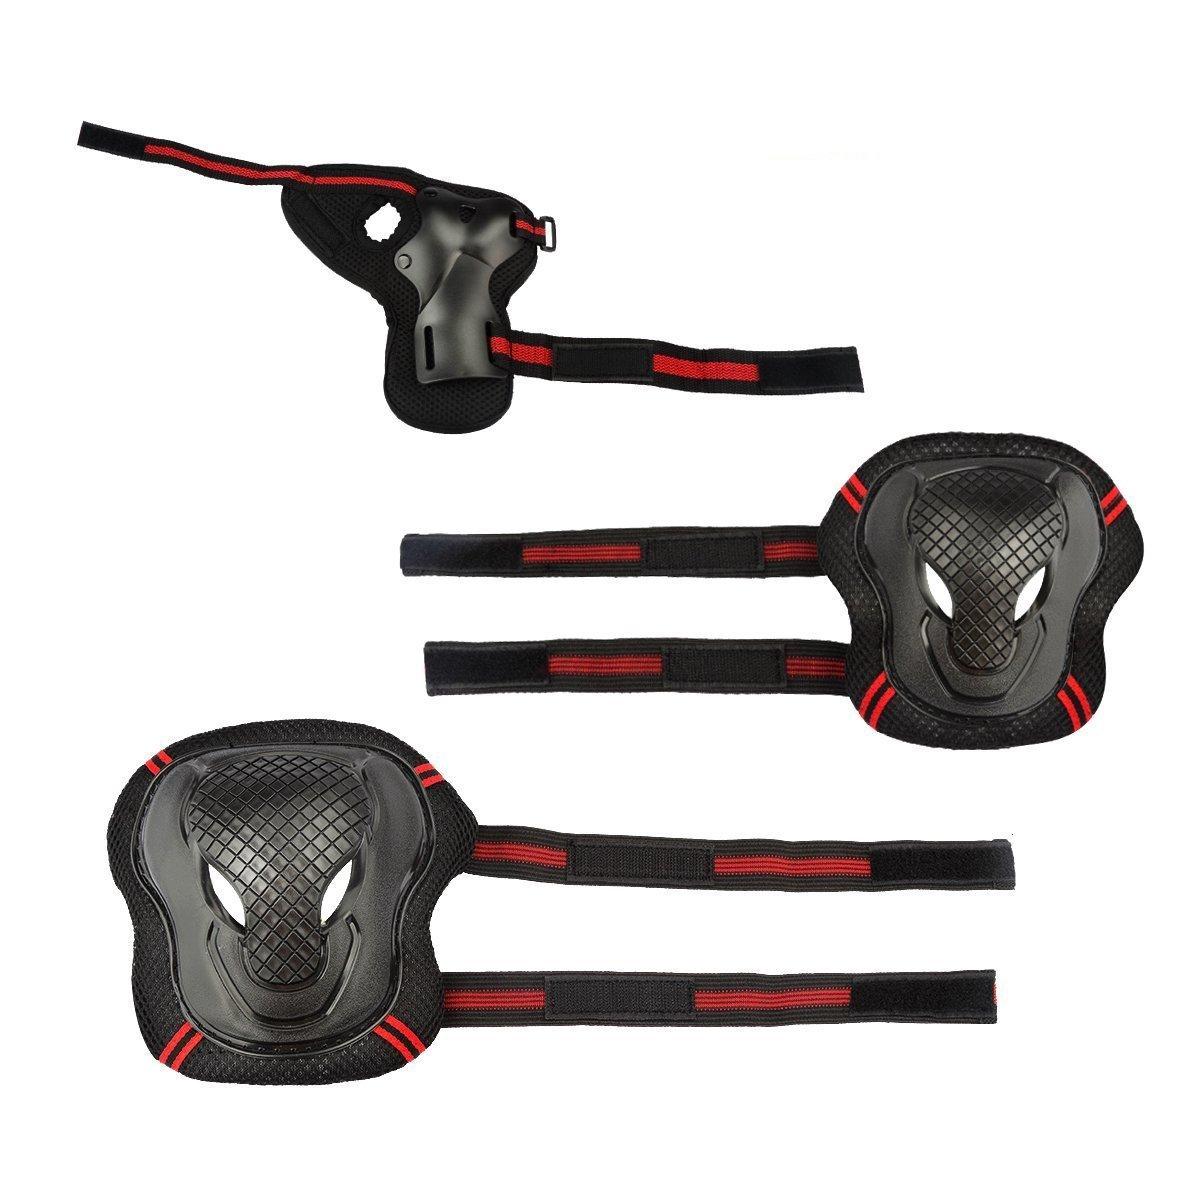 Ecent Protectores skate 6Pcs Set Proteccion Protector de Muneca Guardias para Rodilleras y Coderas para Skate Esqui Escalada Ciclismo: Amazon.es: Deportes y ...